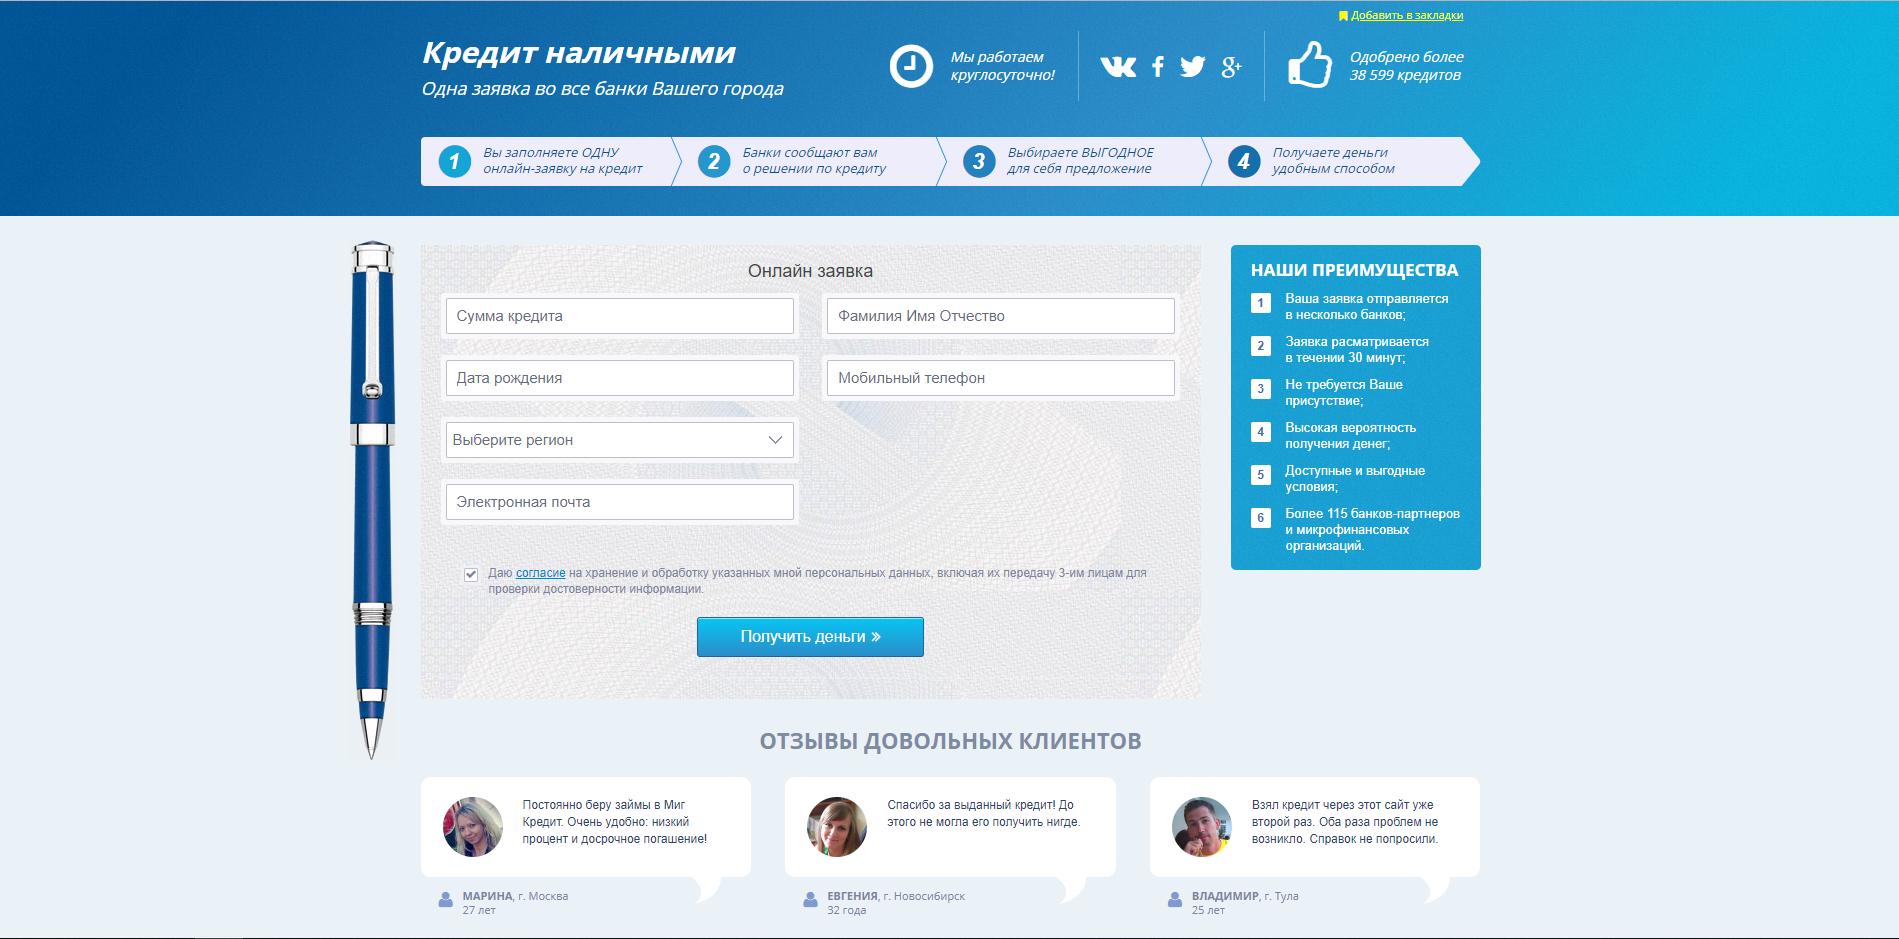 Заявка на кредит в несколько банков онлайн